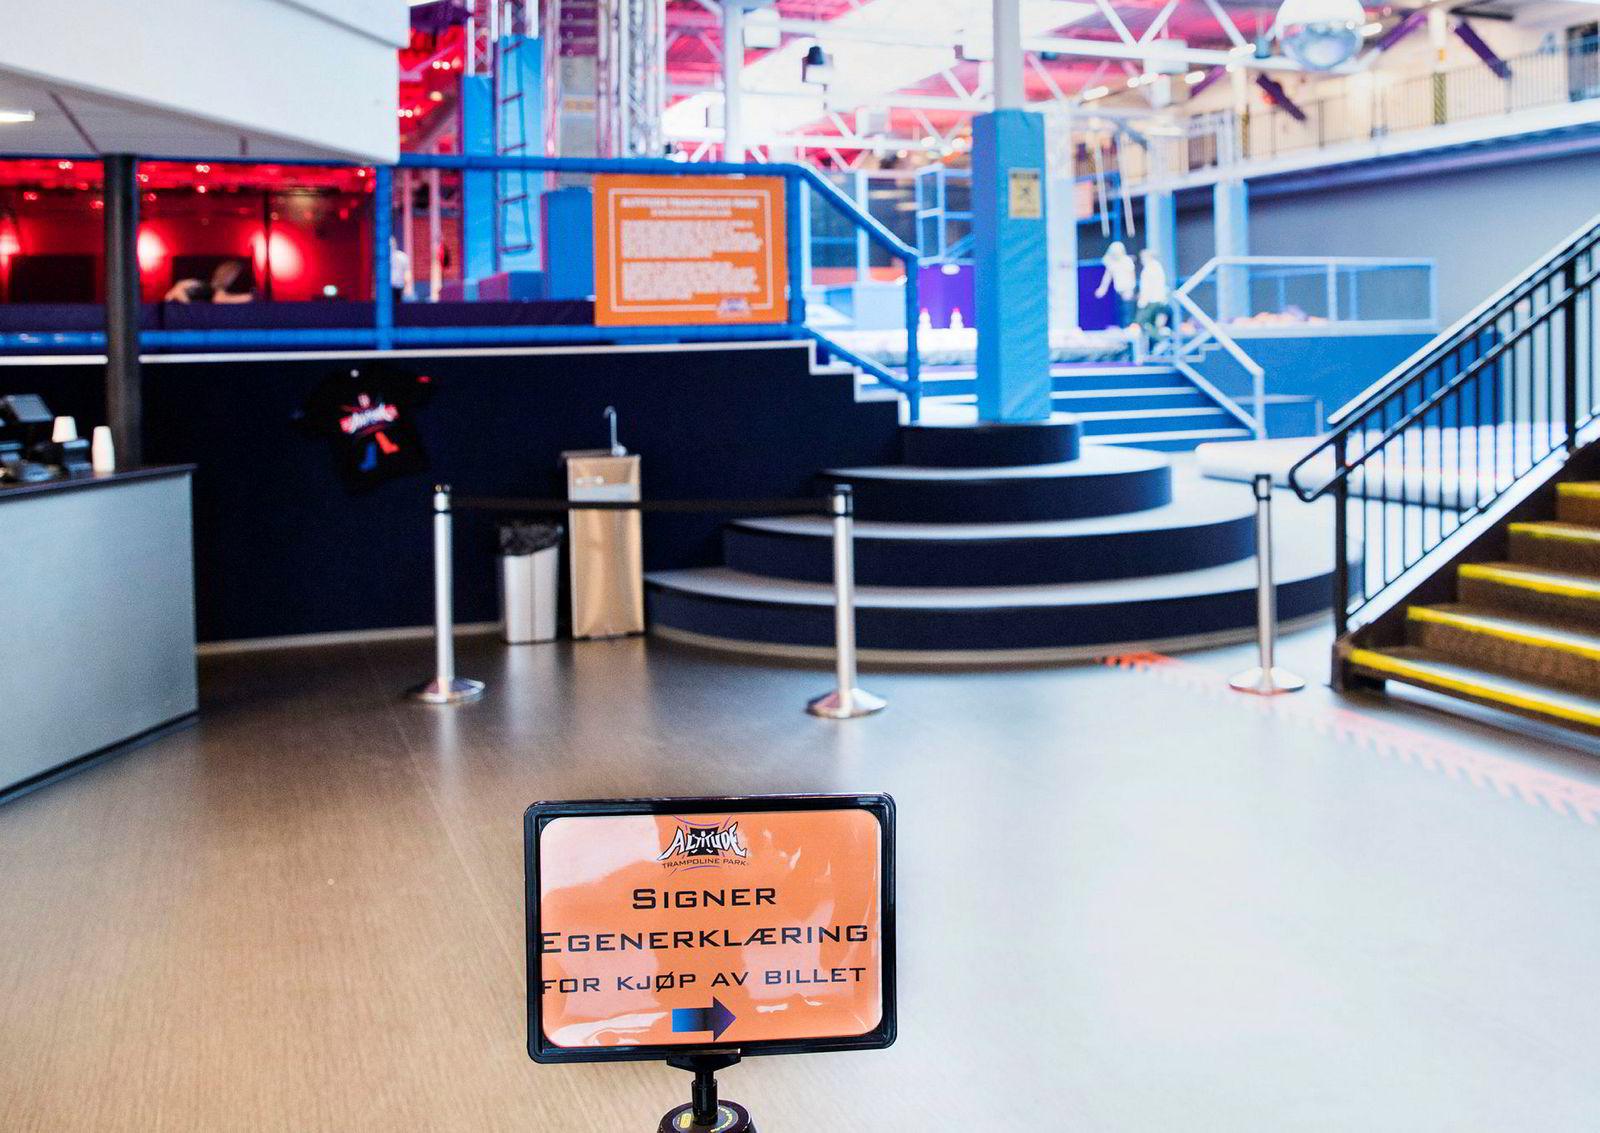 Skiltene ved inngangen til Altitude trampolinepark ber kundene signere en egenerklæring før de kjøper billett.